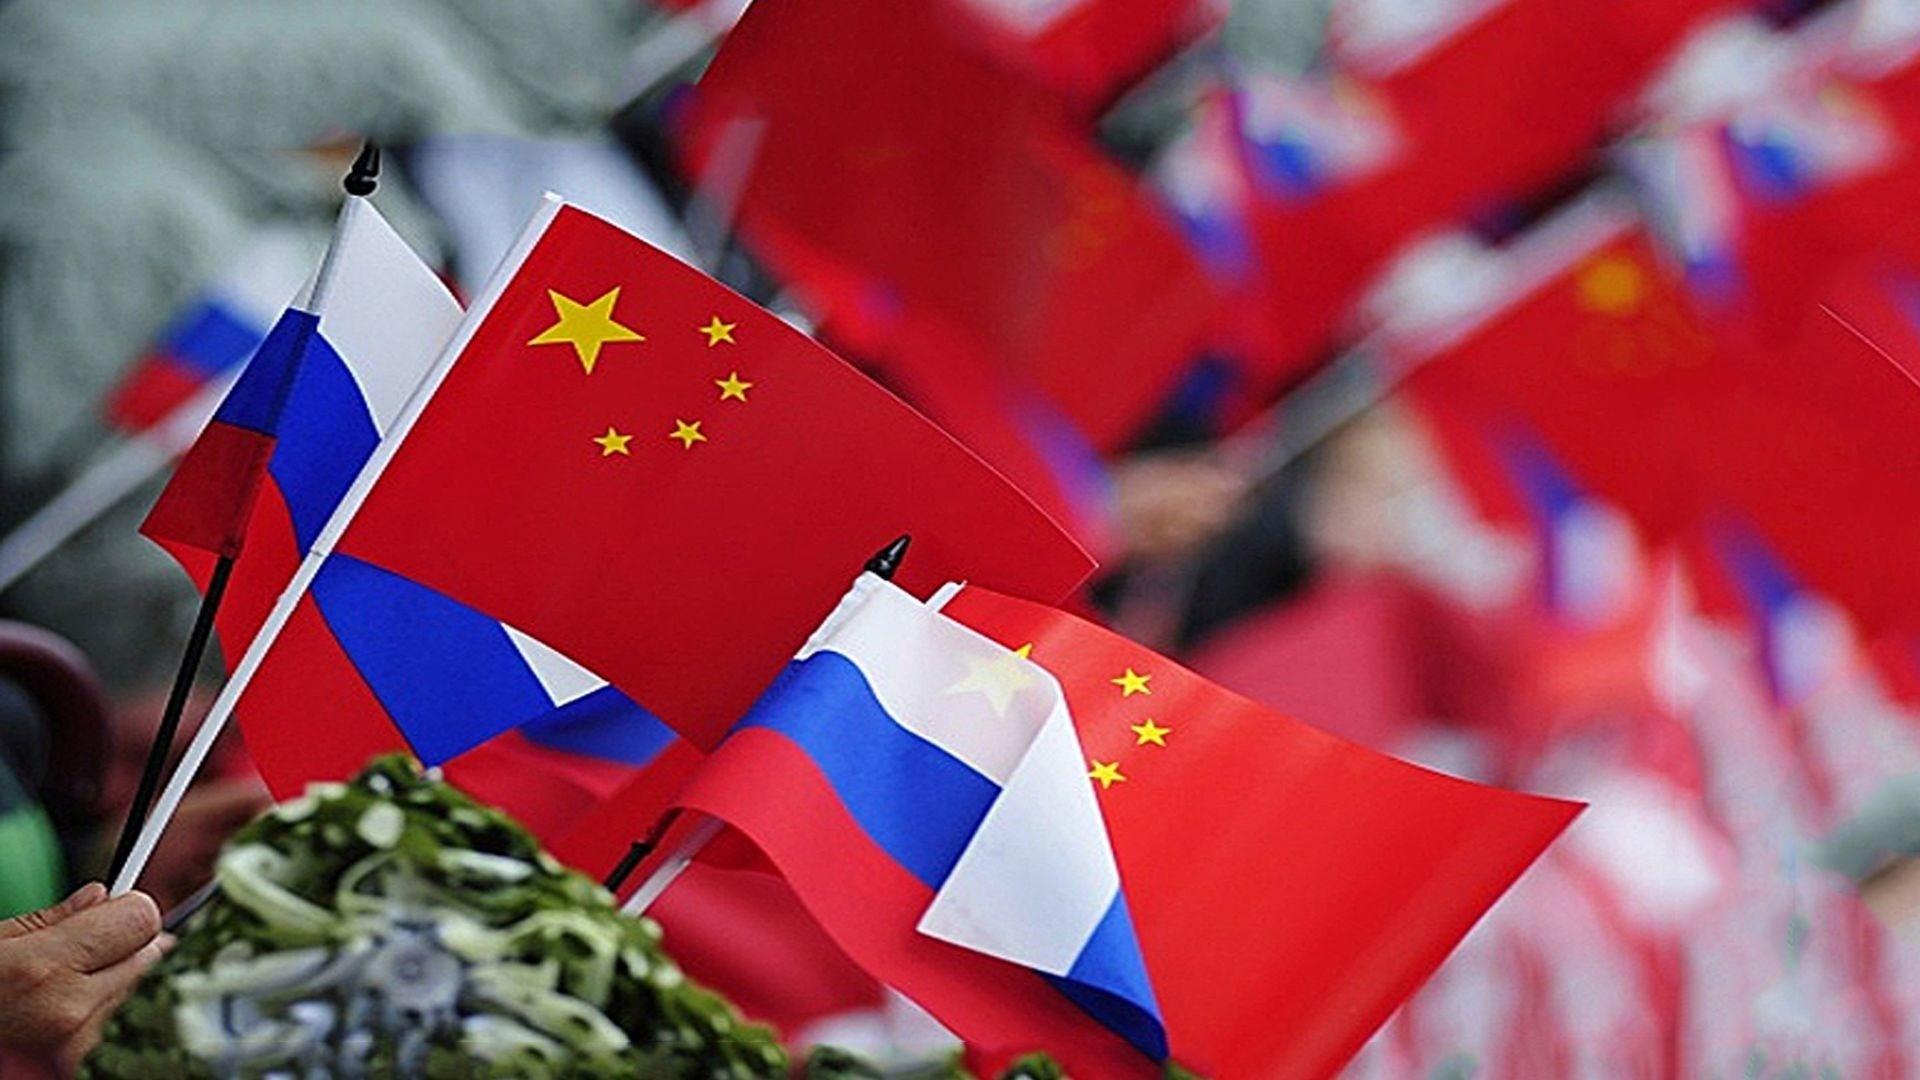 لماذا تمتنع روسيا الصين عن تهنئة بايدن حتى الآن؟